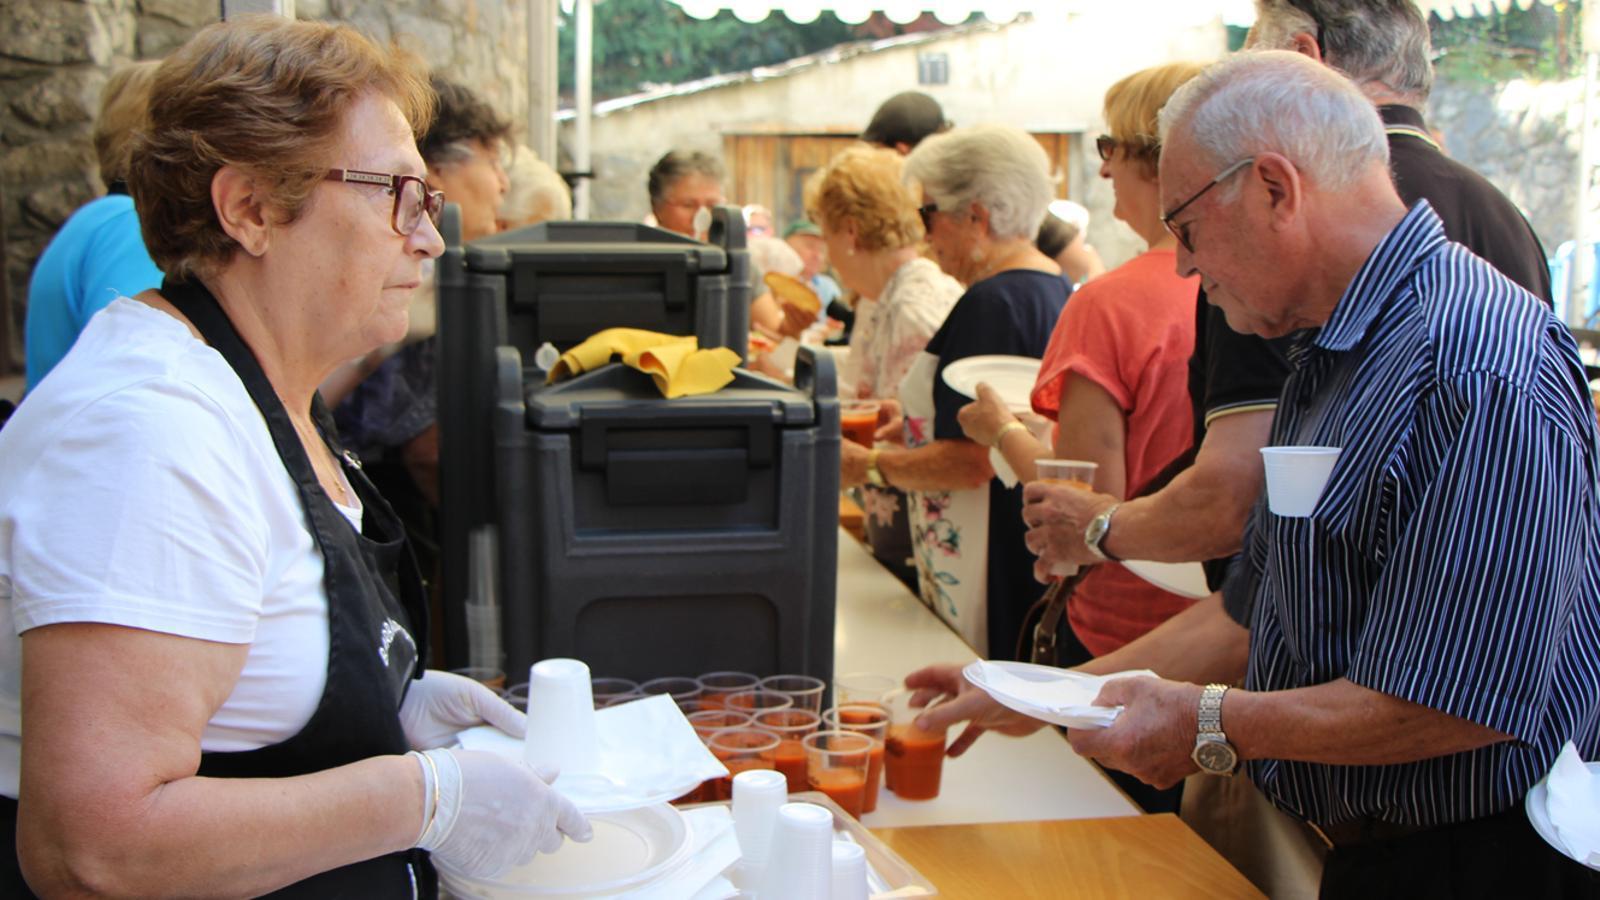 El col·lectiu de la Gent gran durant el dinar popular. / C. F. (ANA)